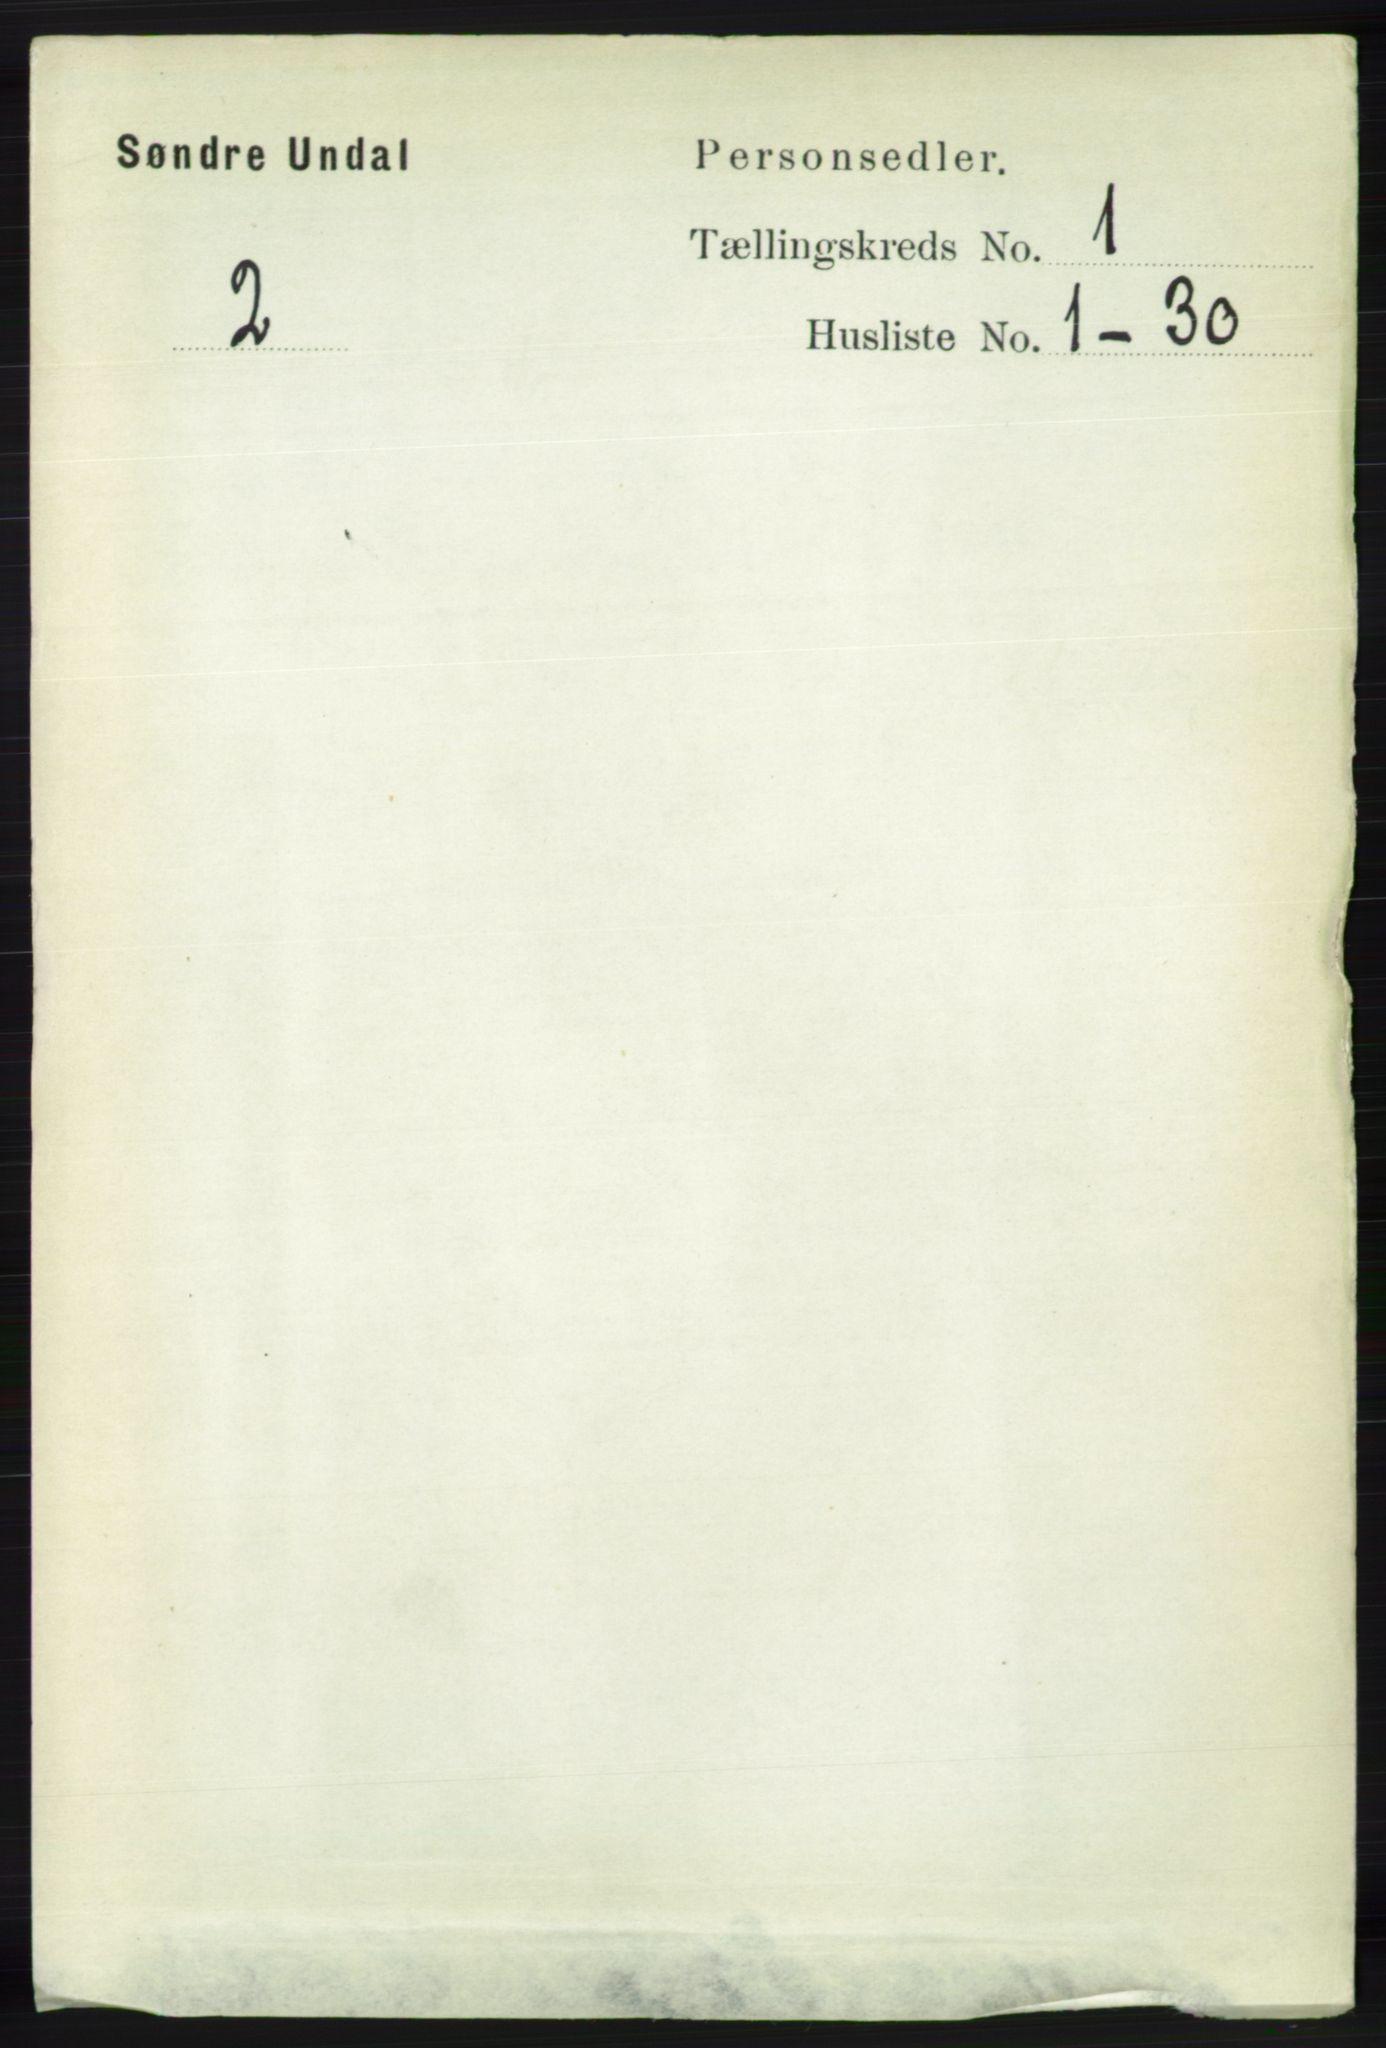 RA, Folketelling 1891 for 1029 Sør-Audnedal herred, 1891, s. 92